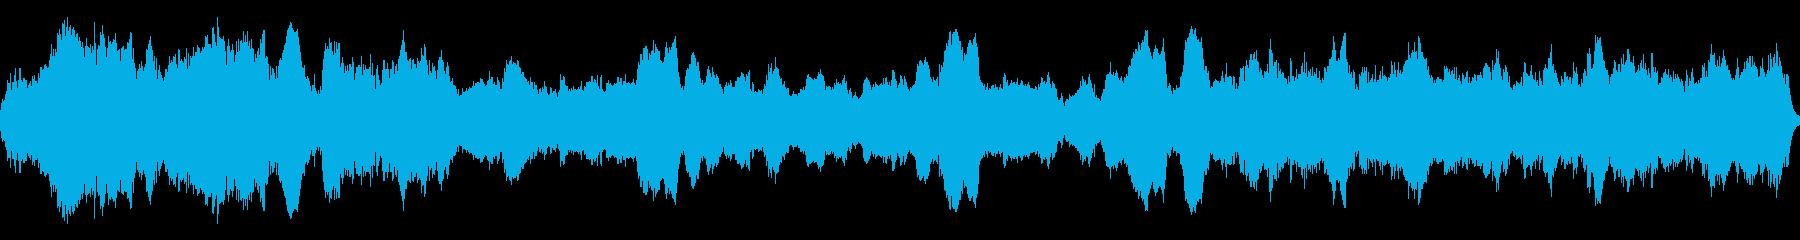 旧版RPG向けオーケストラ曲『要塞』の再生済みの波形